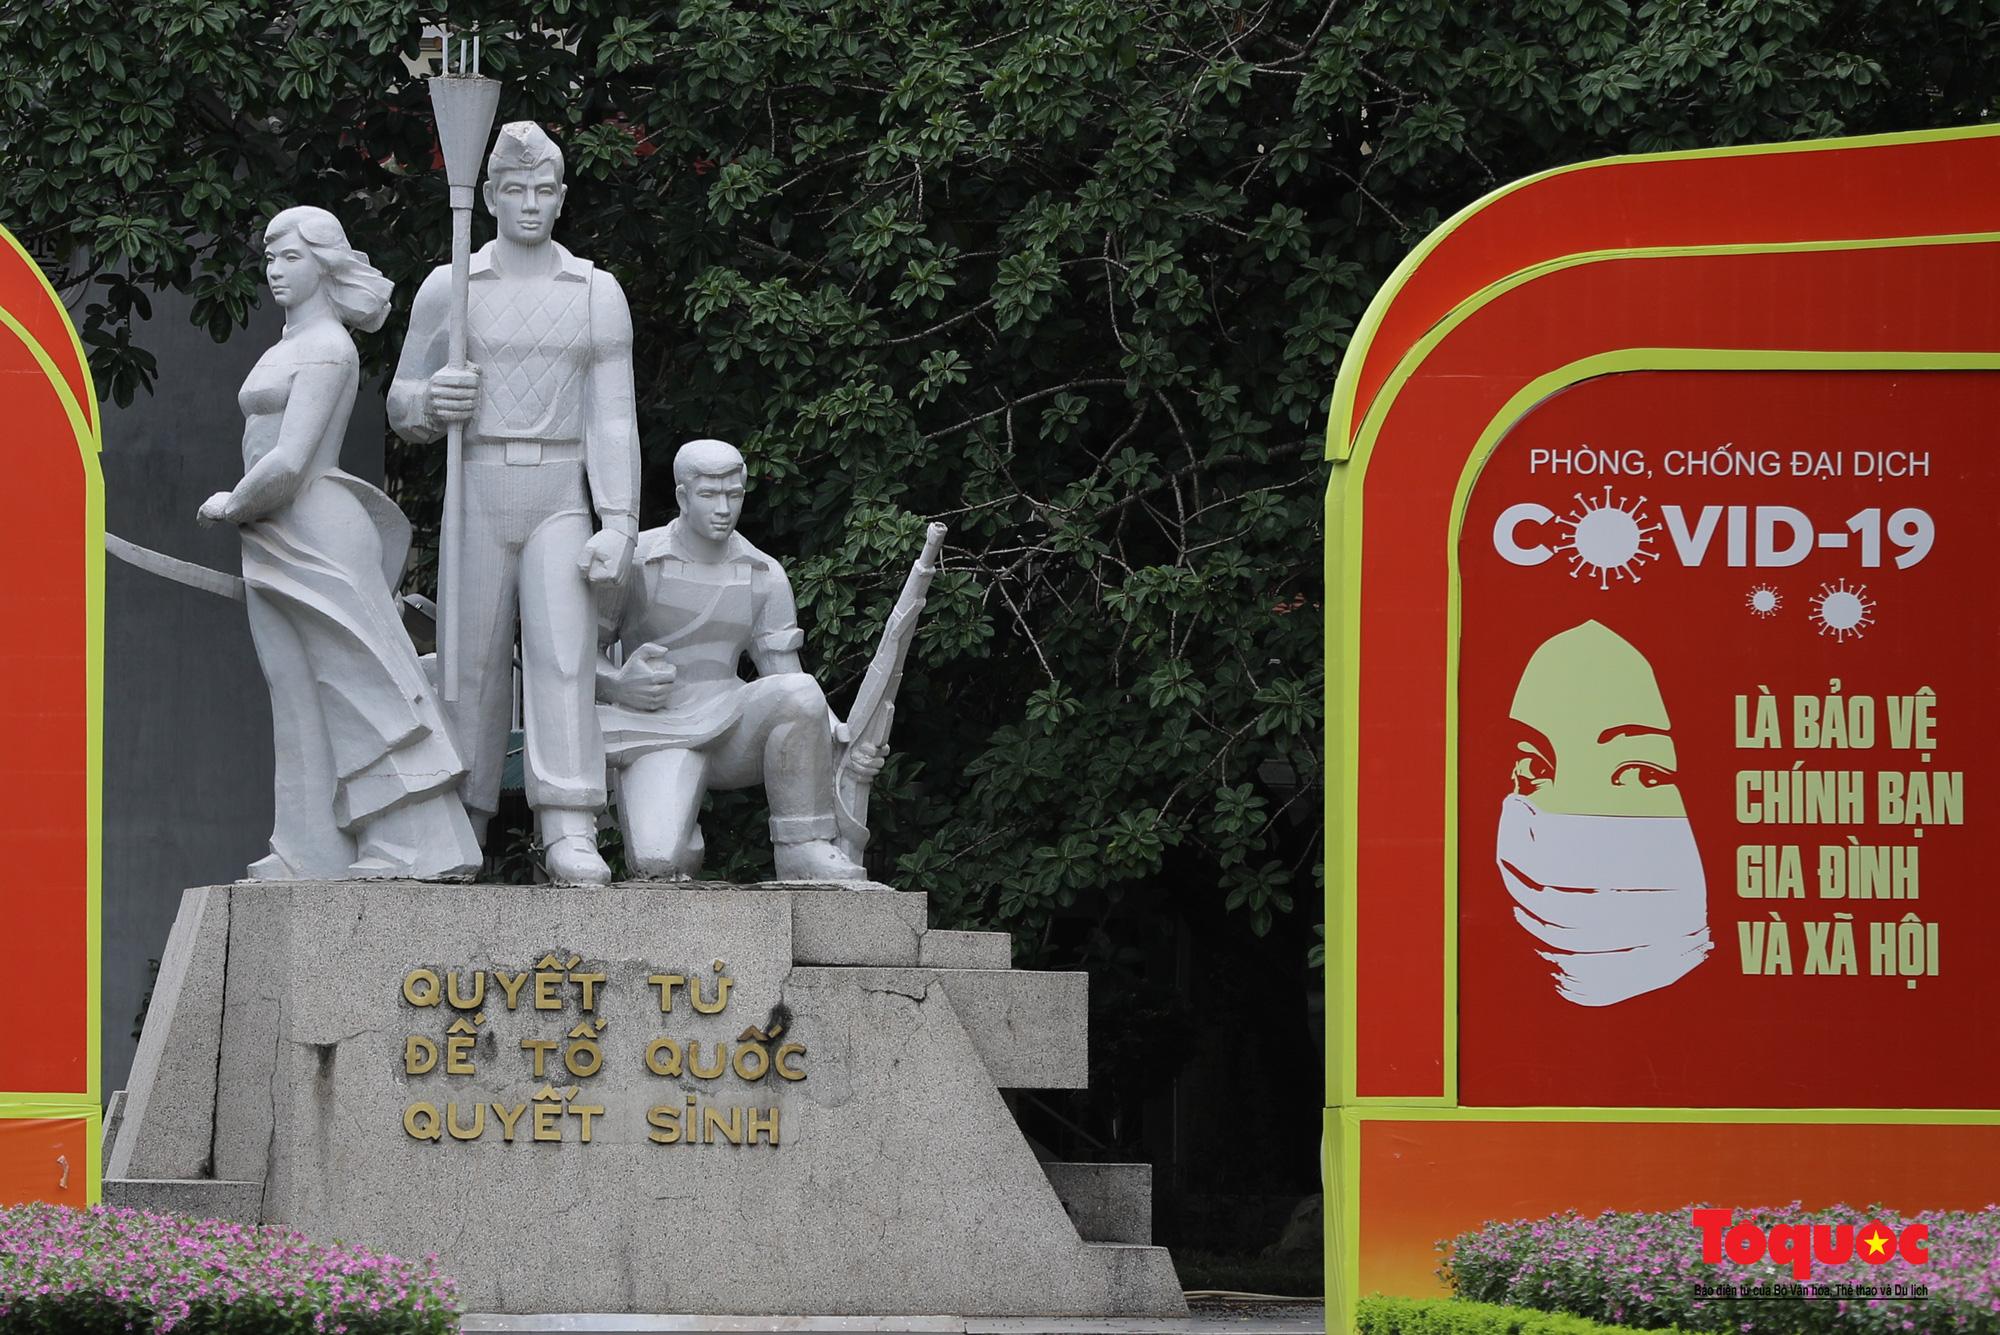 Pano, hình ảnh cổ động phòng chống dịch COVID-19 trên khắp đường phố Hà Nội - Ảnh 11.